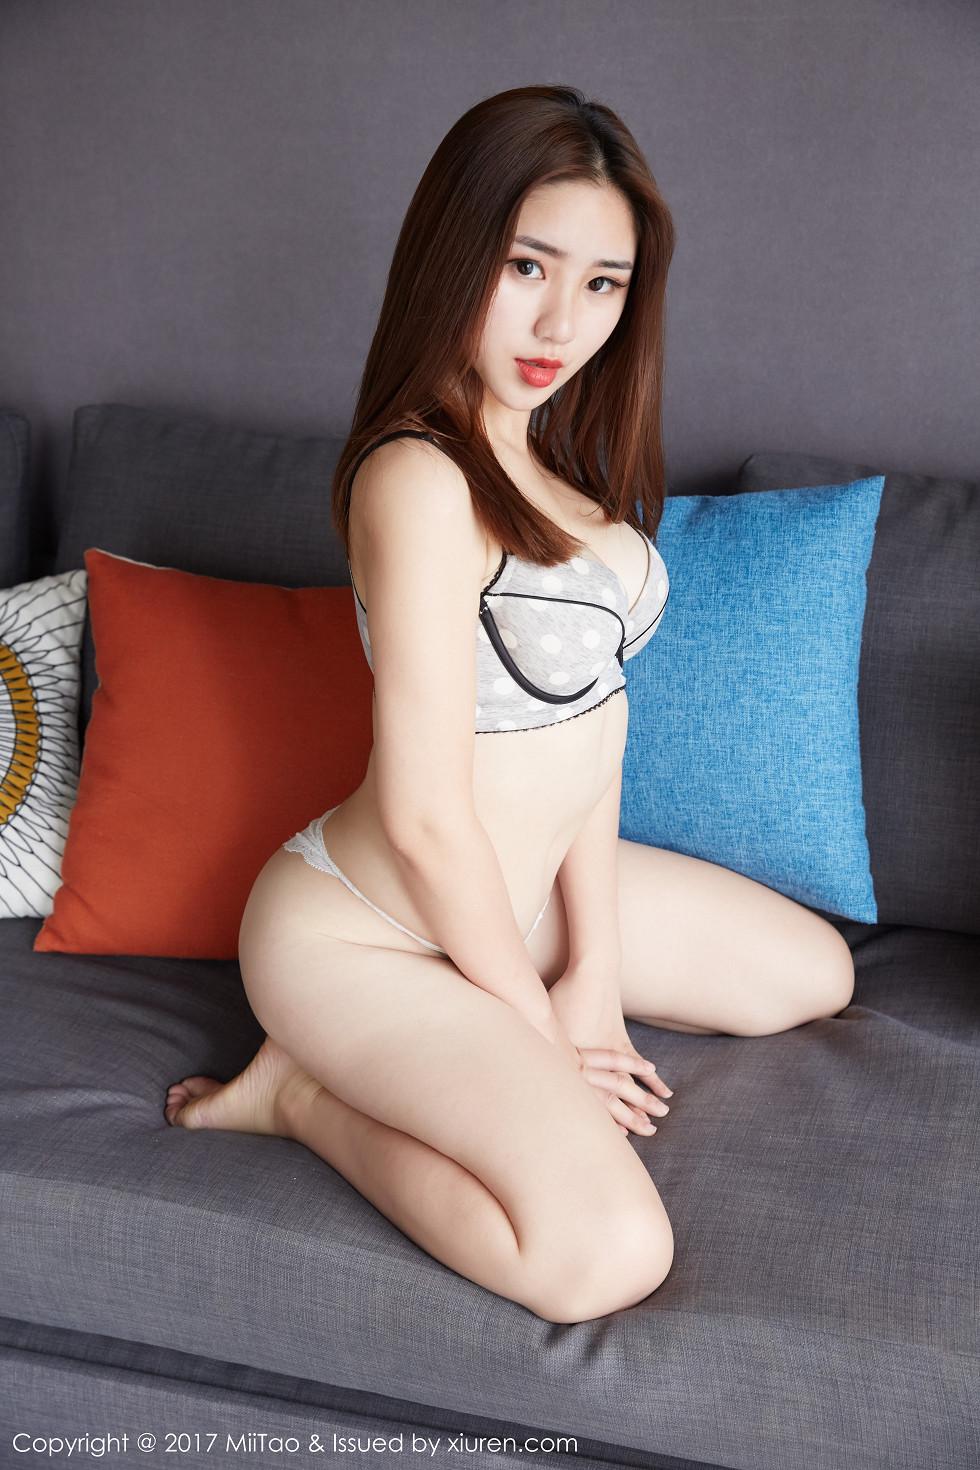 嫩模小敏Mary性感白色蕾丝内裤诱惑写真